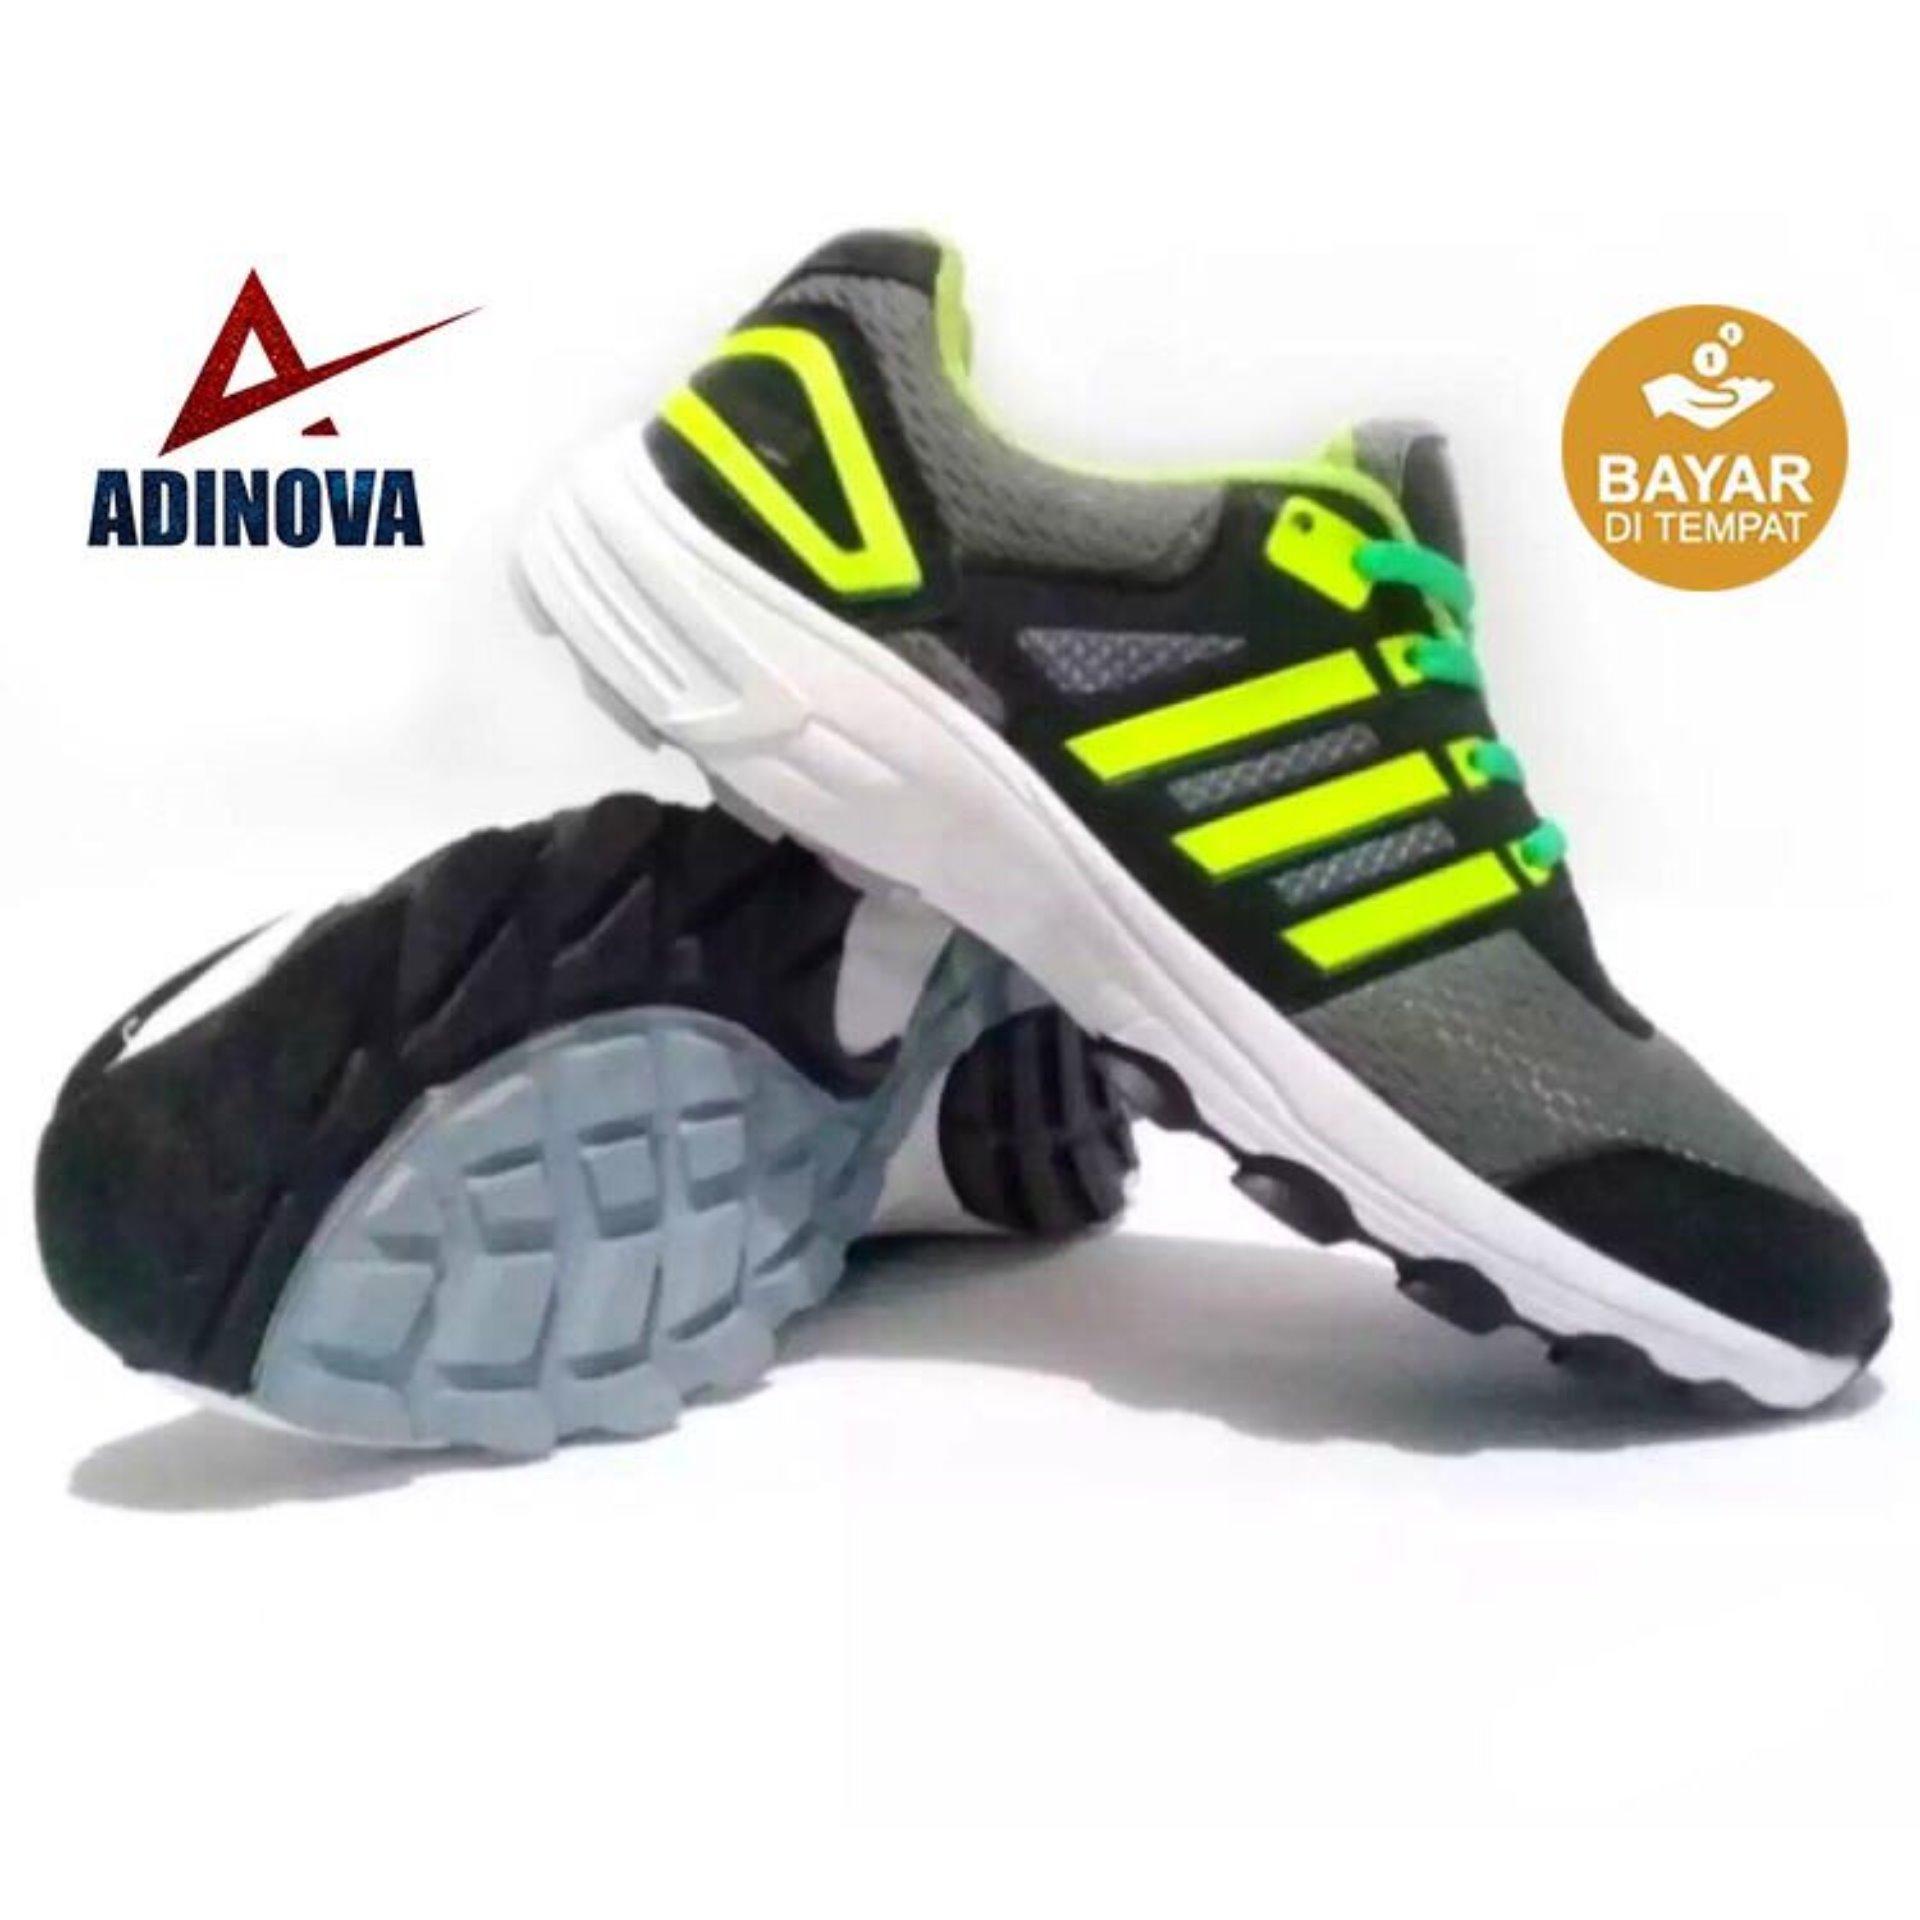 Adinova Shoes Sepatu Sport Pria Sepatu Sneaker Pria   Sepatu Olahraga Sepatu  Lari  19db1a92ab